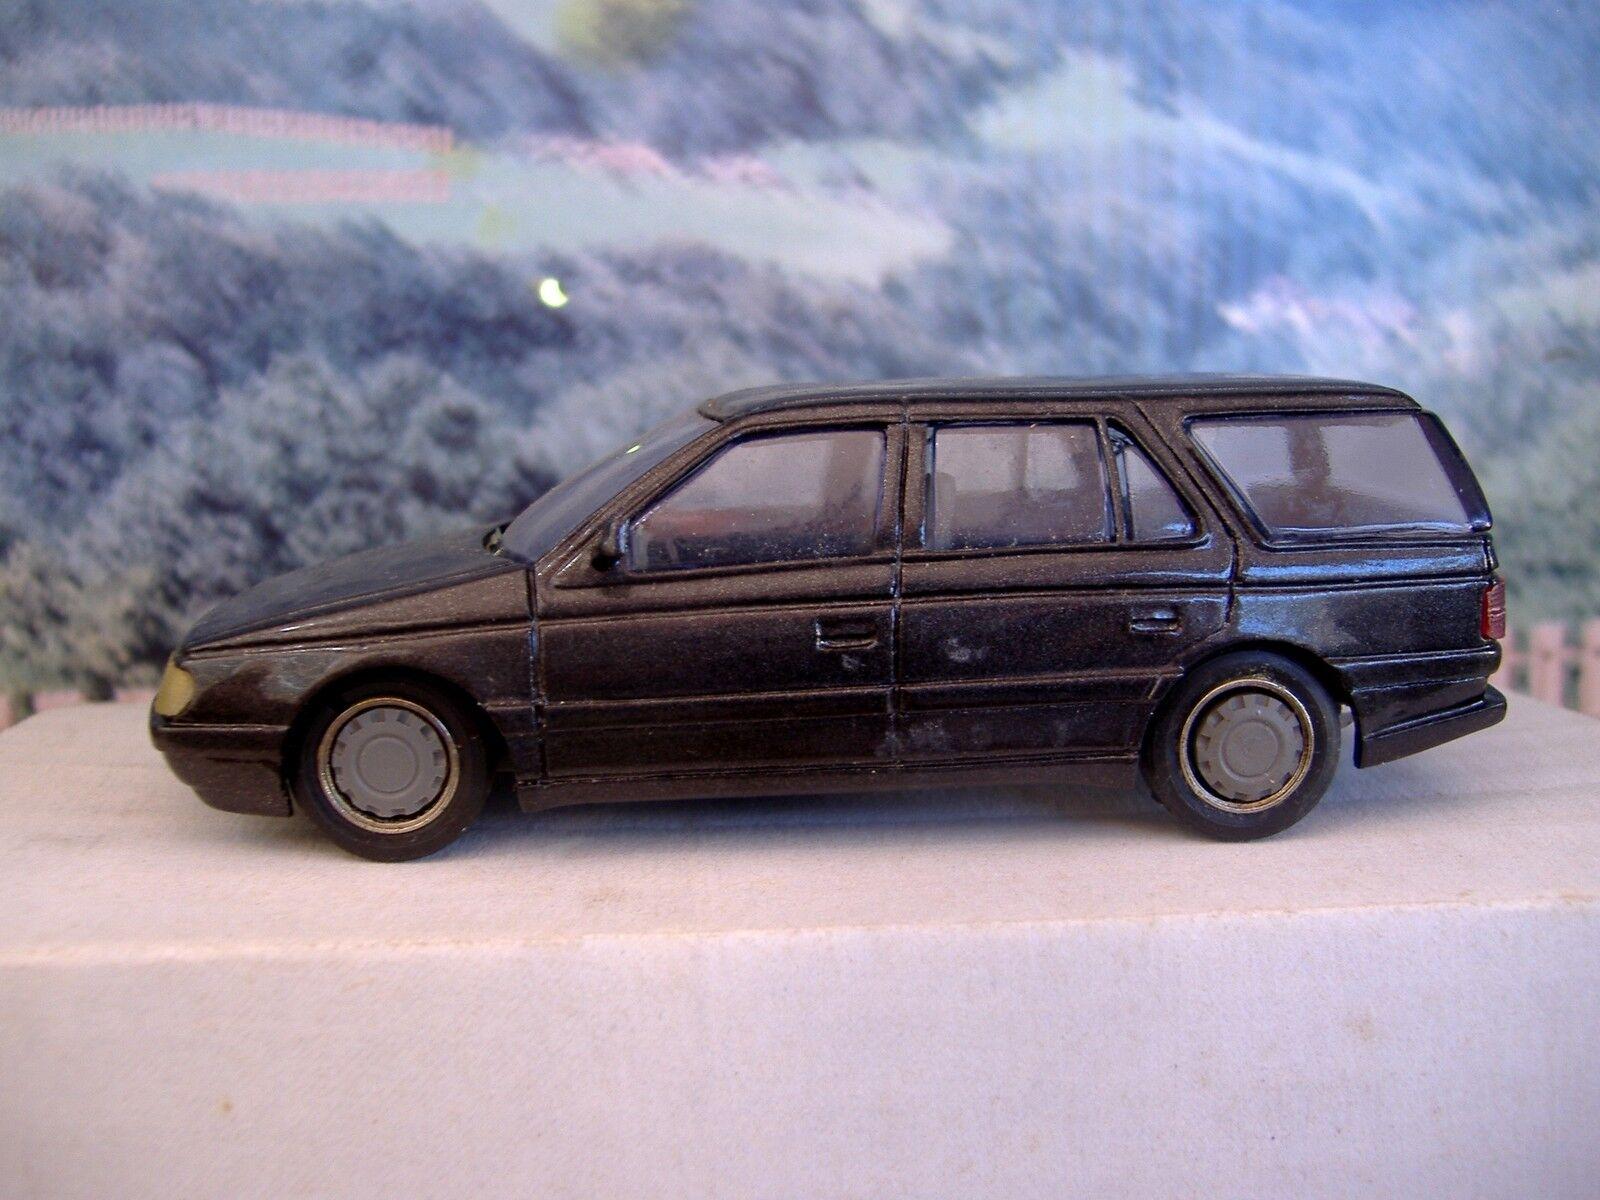 1 43 Heco models  (France) Peugeot 405  Handmade Resin Model Car